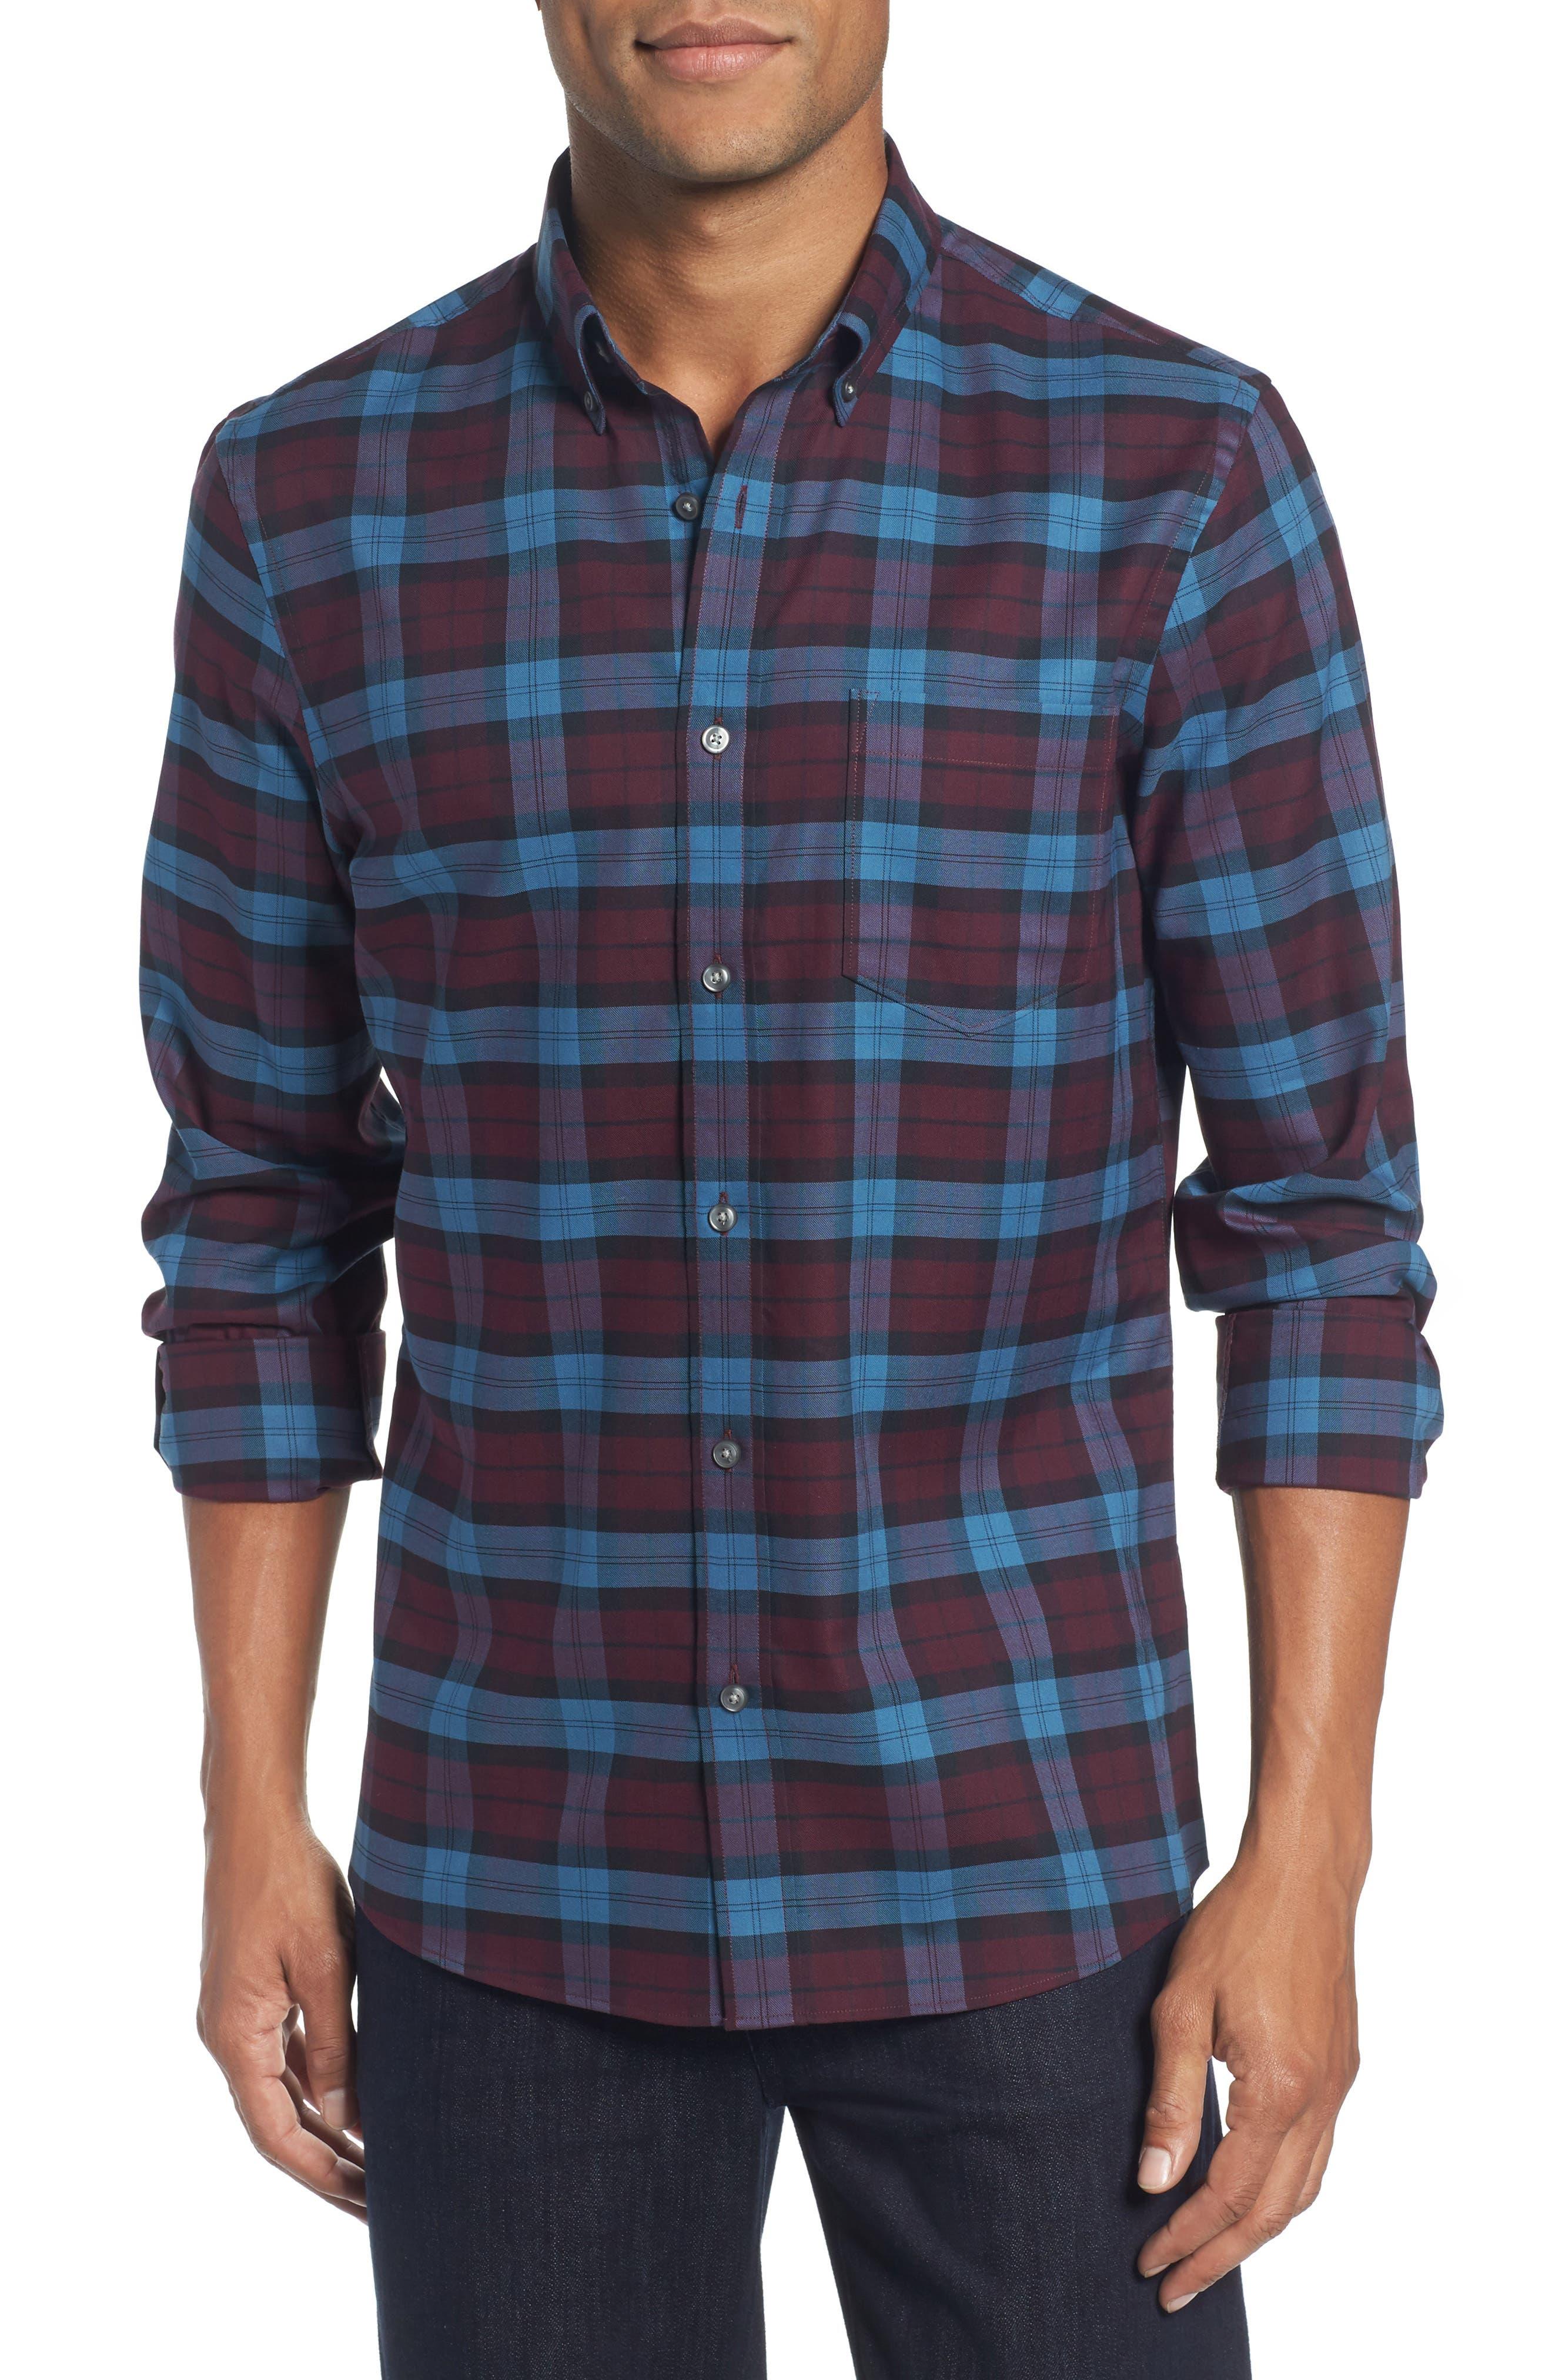 Tech-Smart Slim Fit Plaid Sport Shirt,                         Main,                         color, Burgundy/ Black